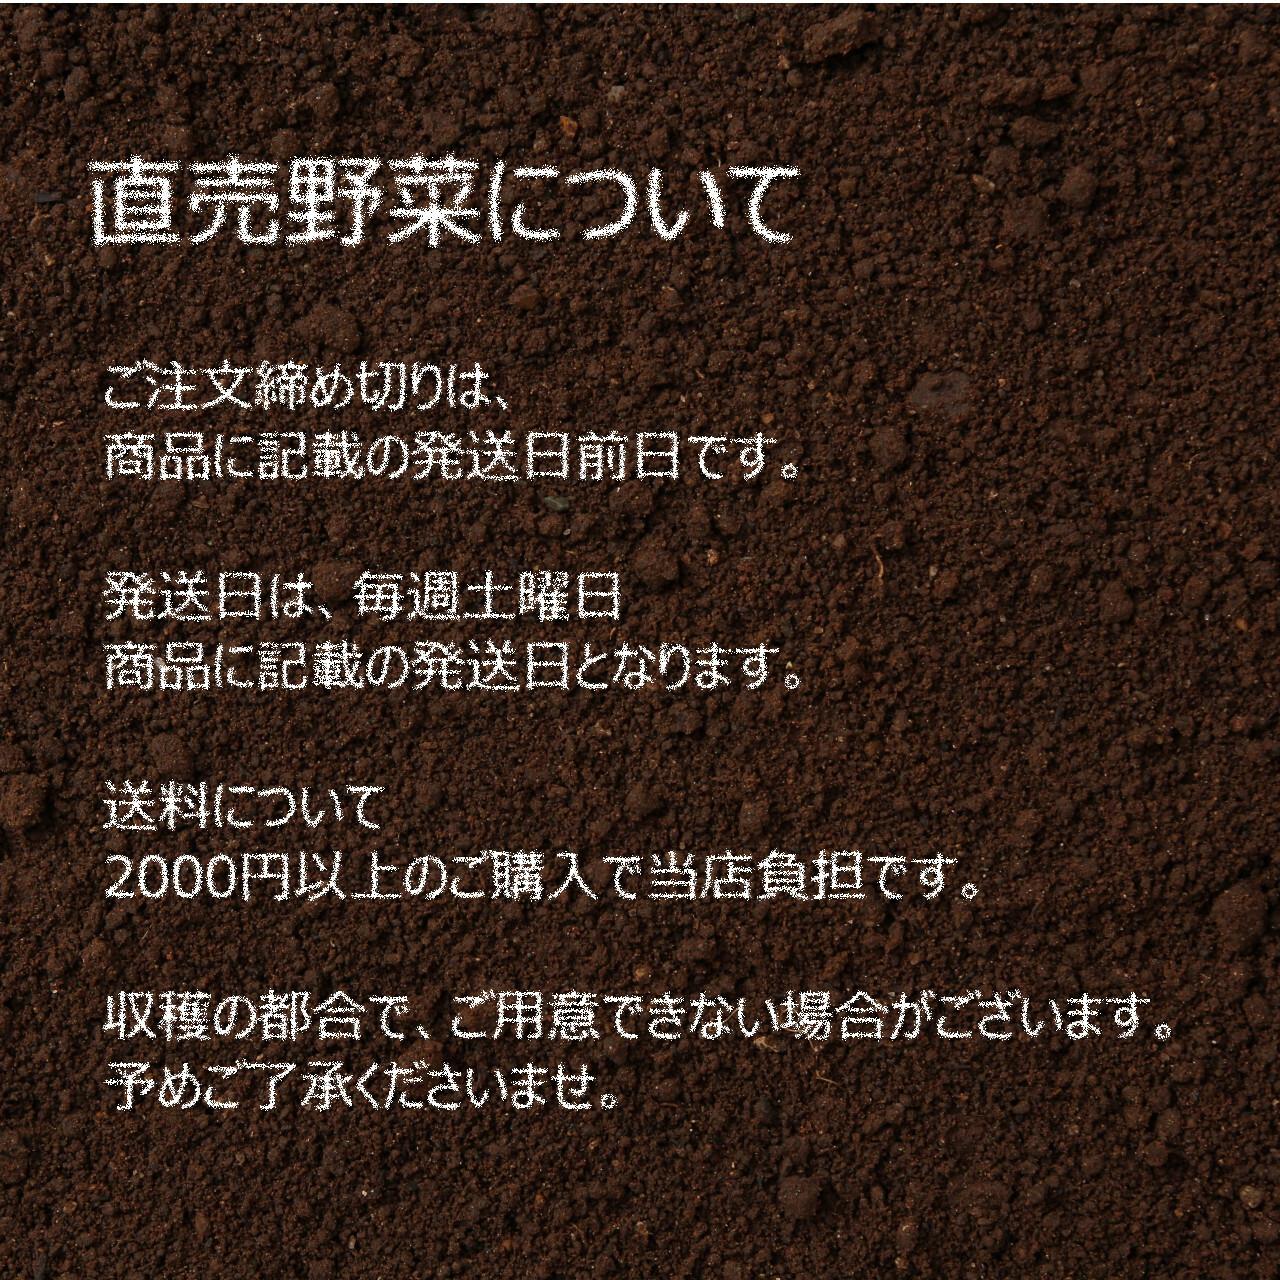 春菊 約200g : 6月の朝採り直売野菜 6月15日発送予定